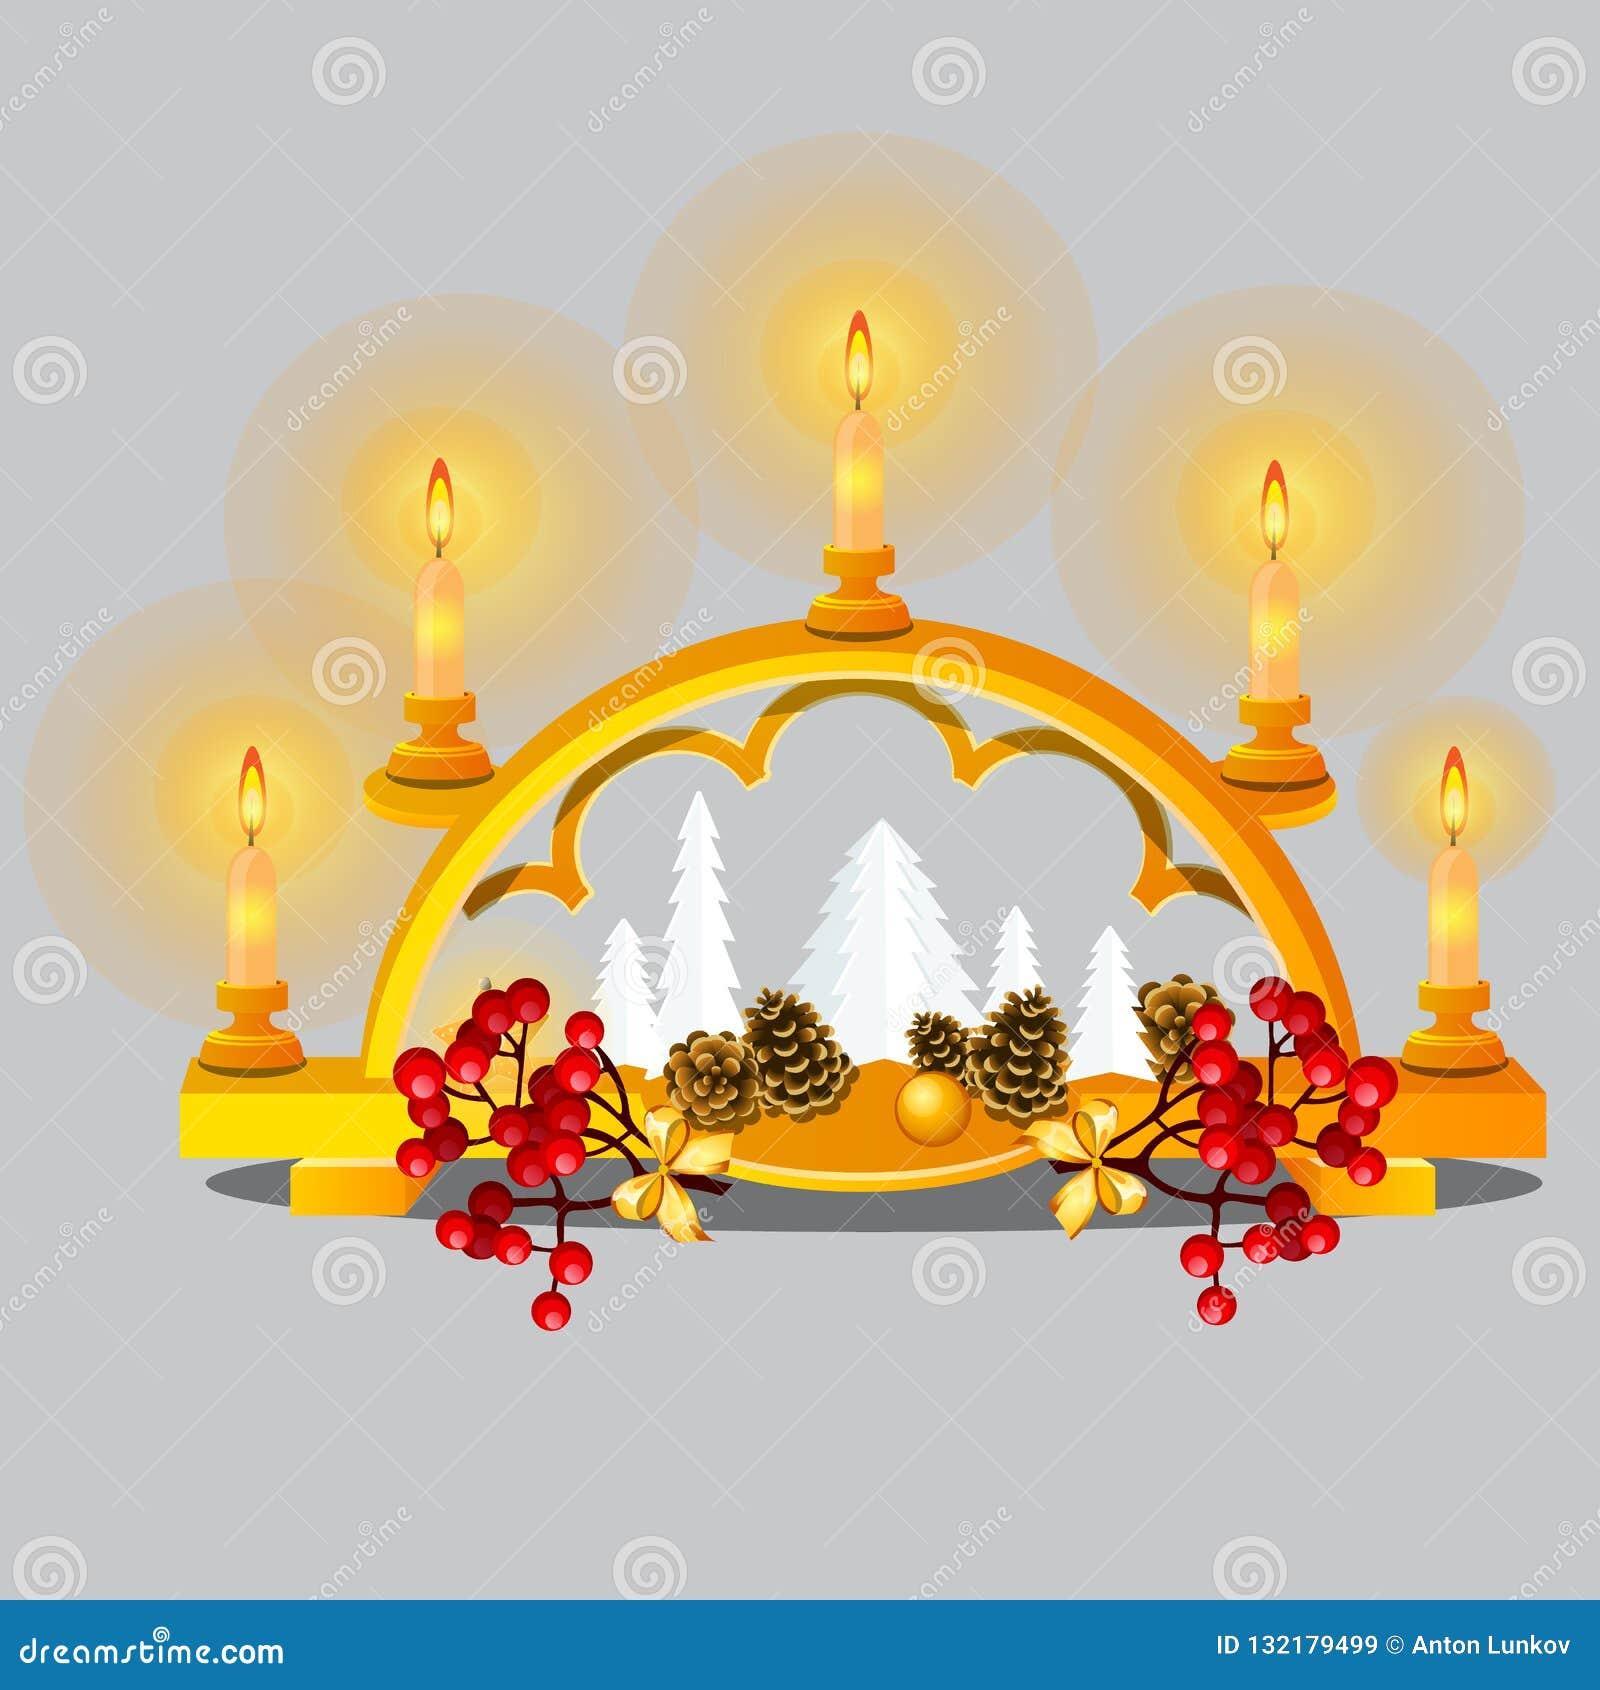 Эскиз рождества с горящими свечами в золотом держателе для свечи с праздничными украшениями и безделушками в восточном стиле